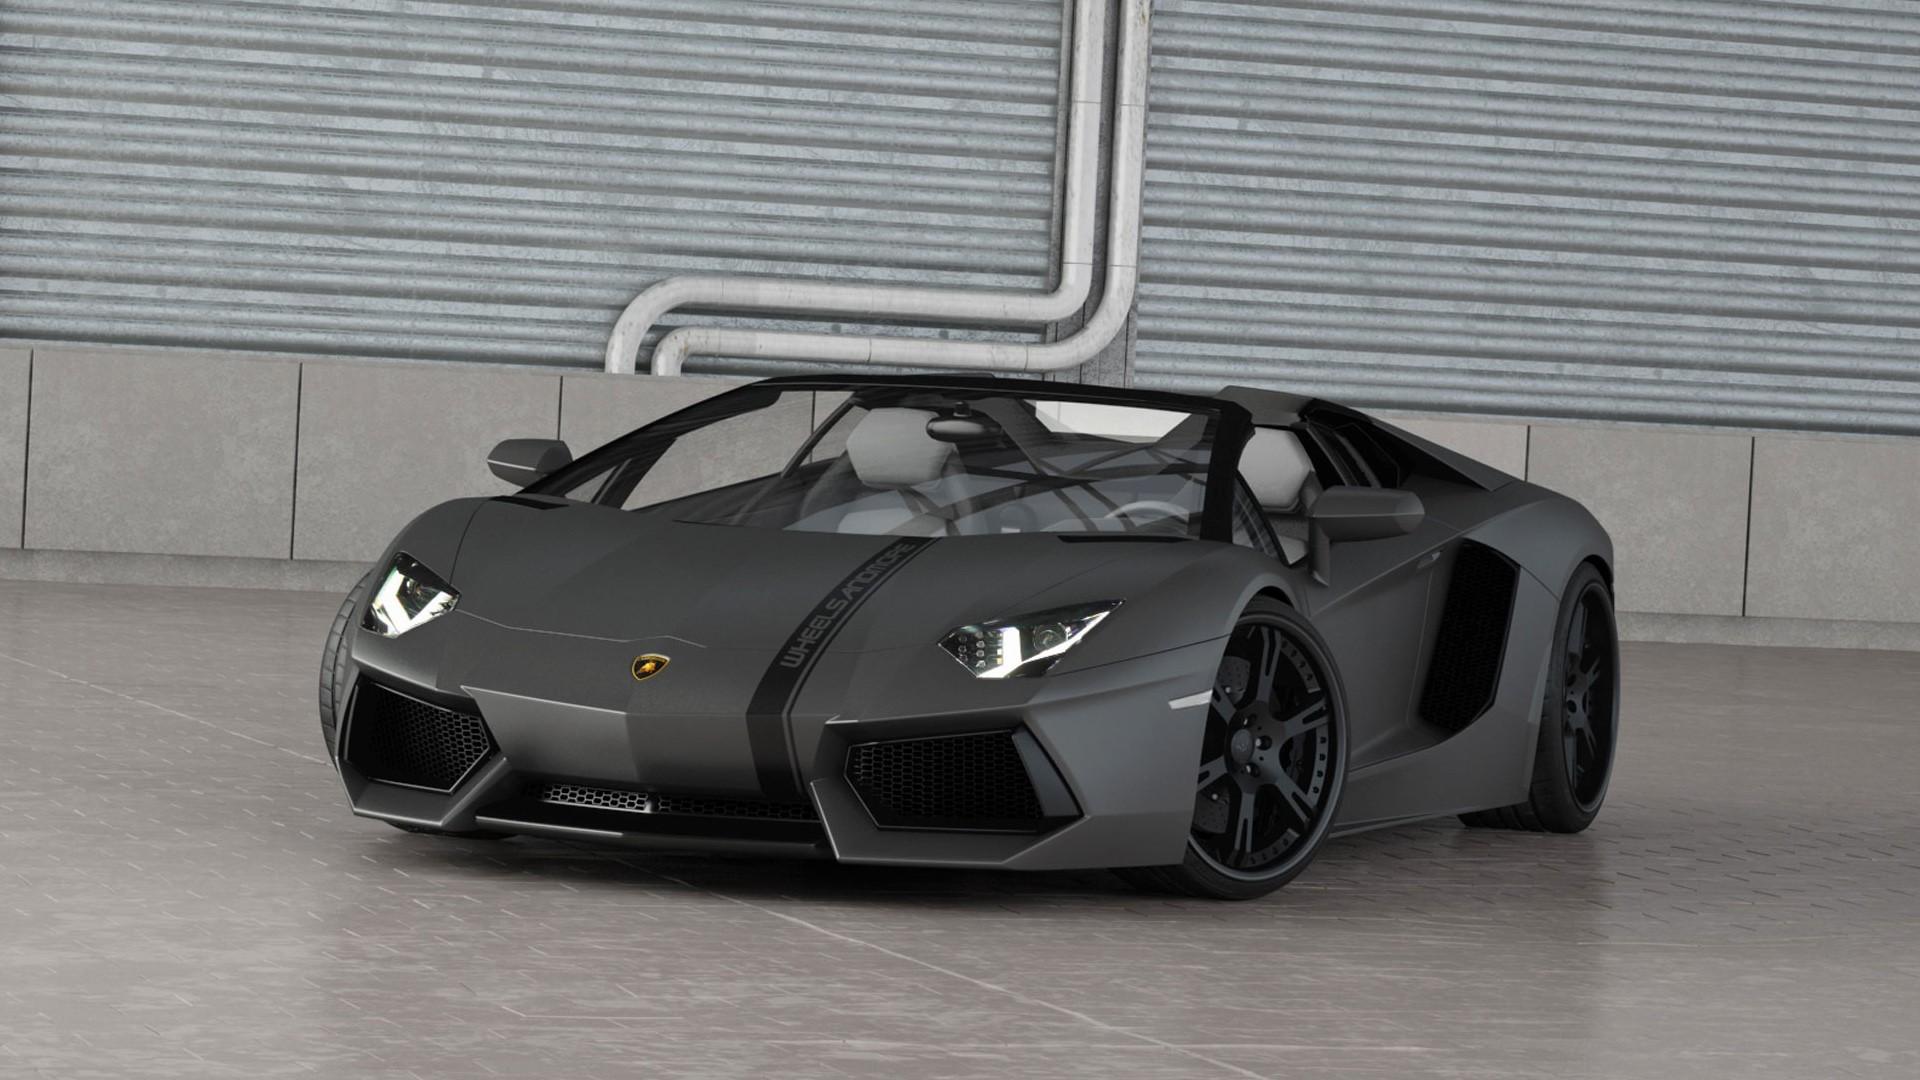 Hummer Car Wallpapers Hd Download Lamborghini Aventador Lp 700 Wallpaper Hd Car Wallpapers